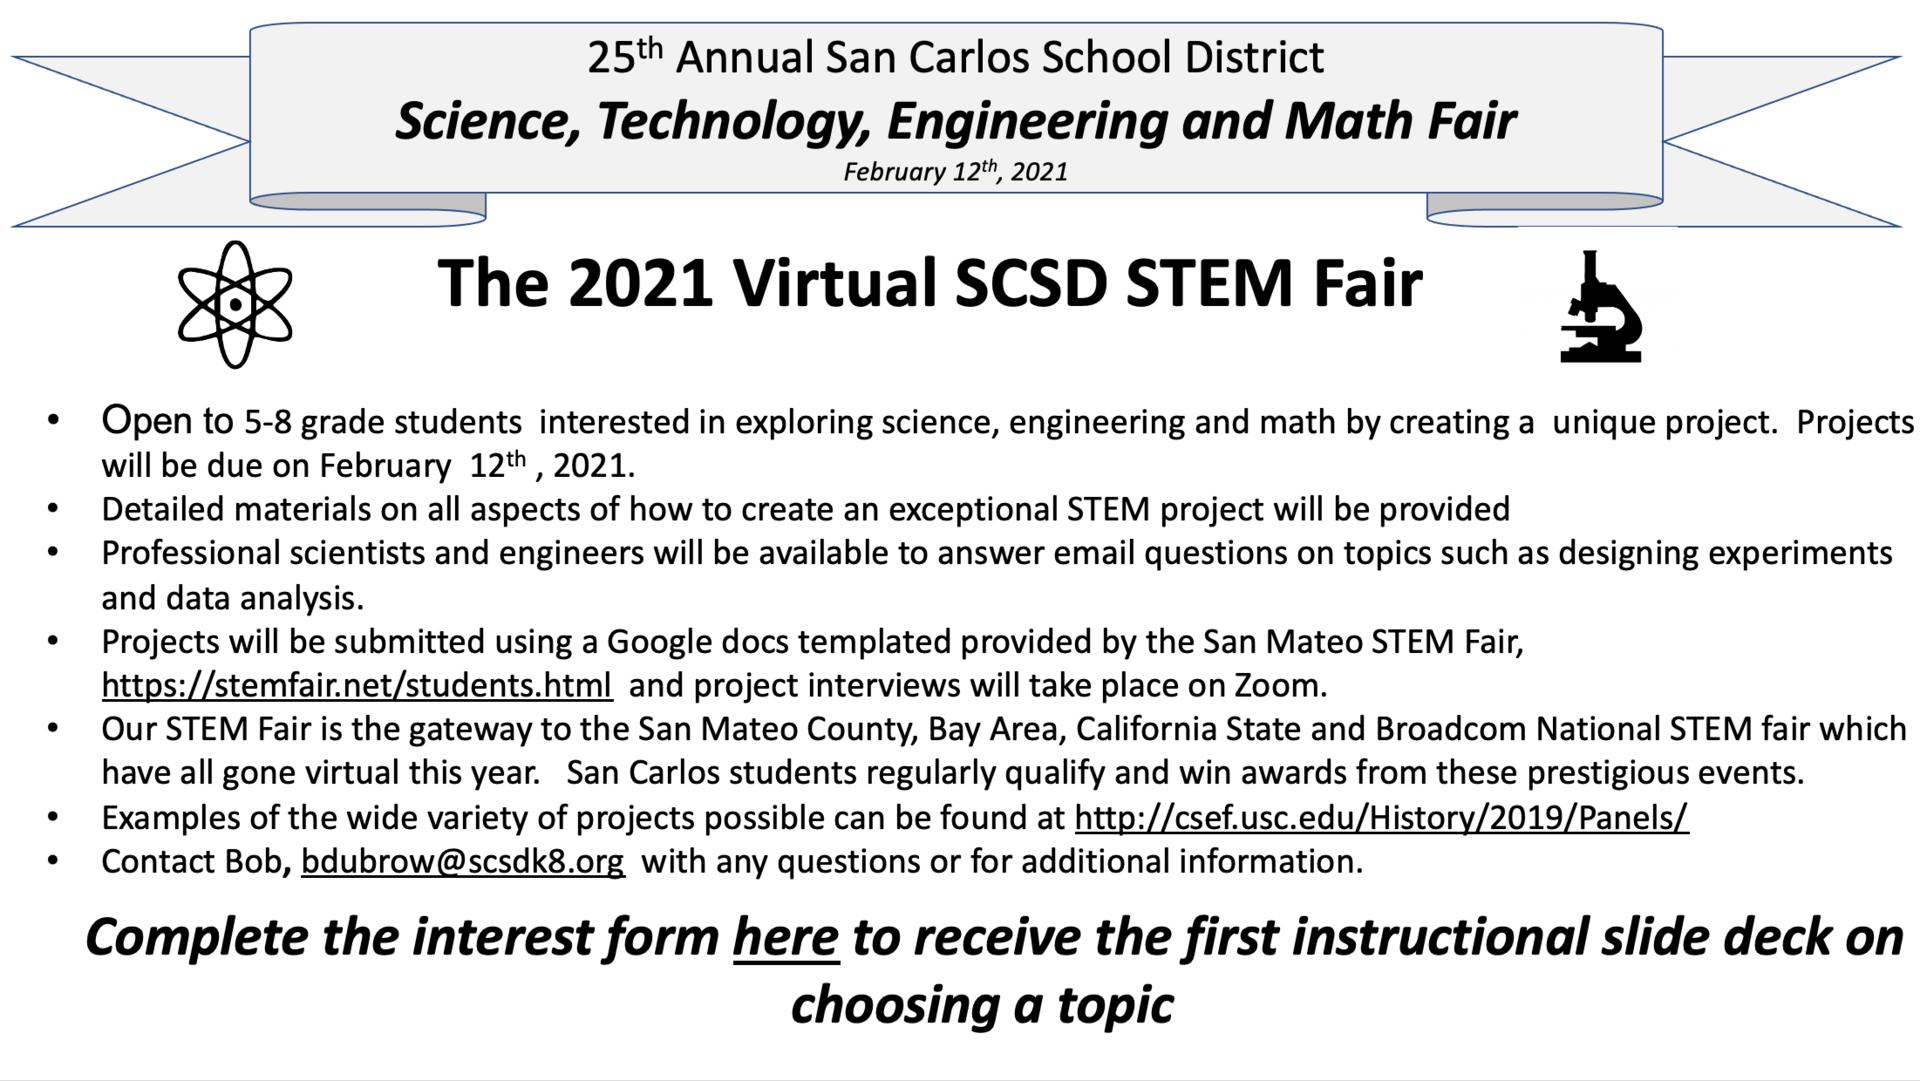 25th Annual SCSD STEM Fair Graphic